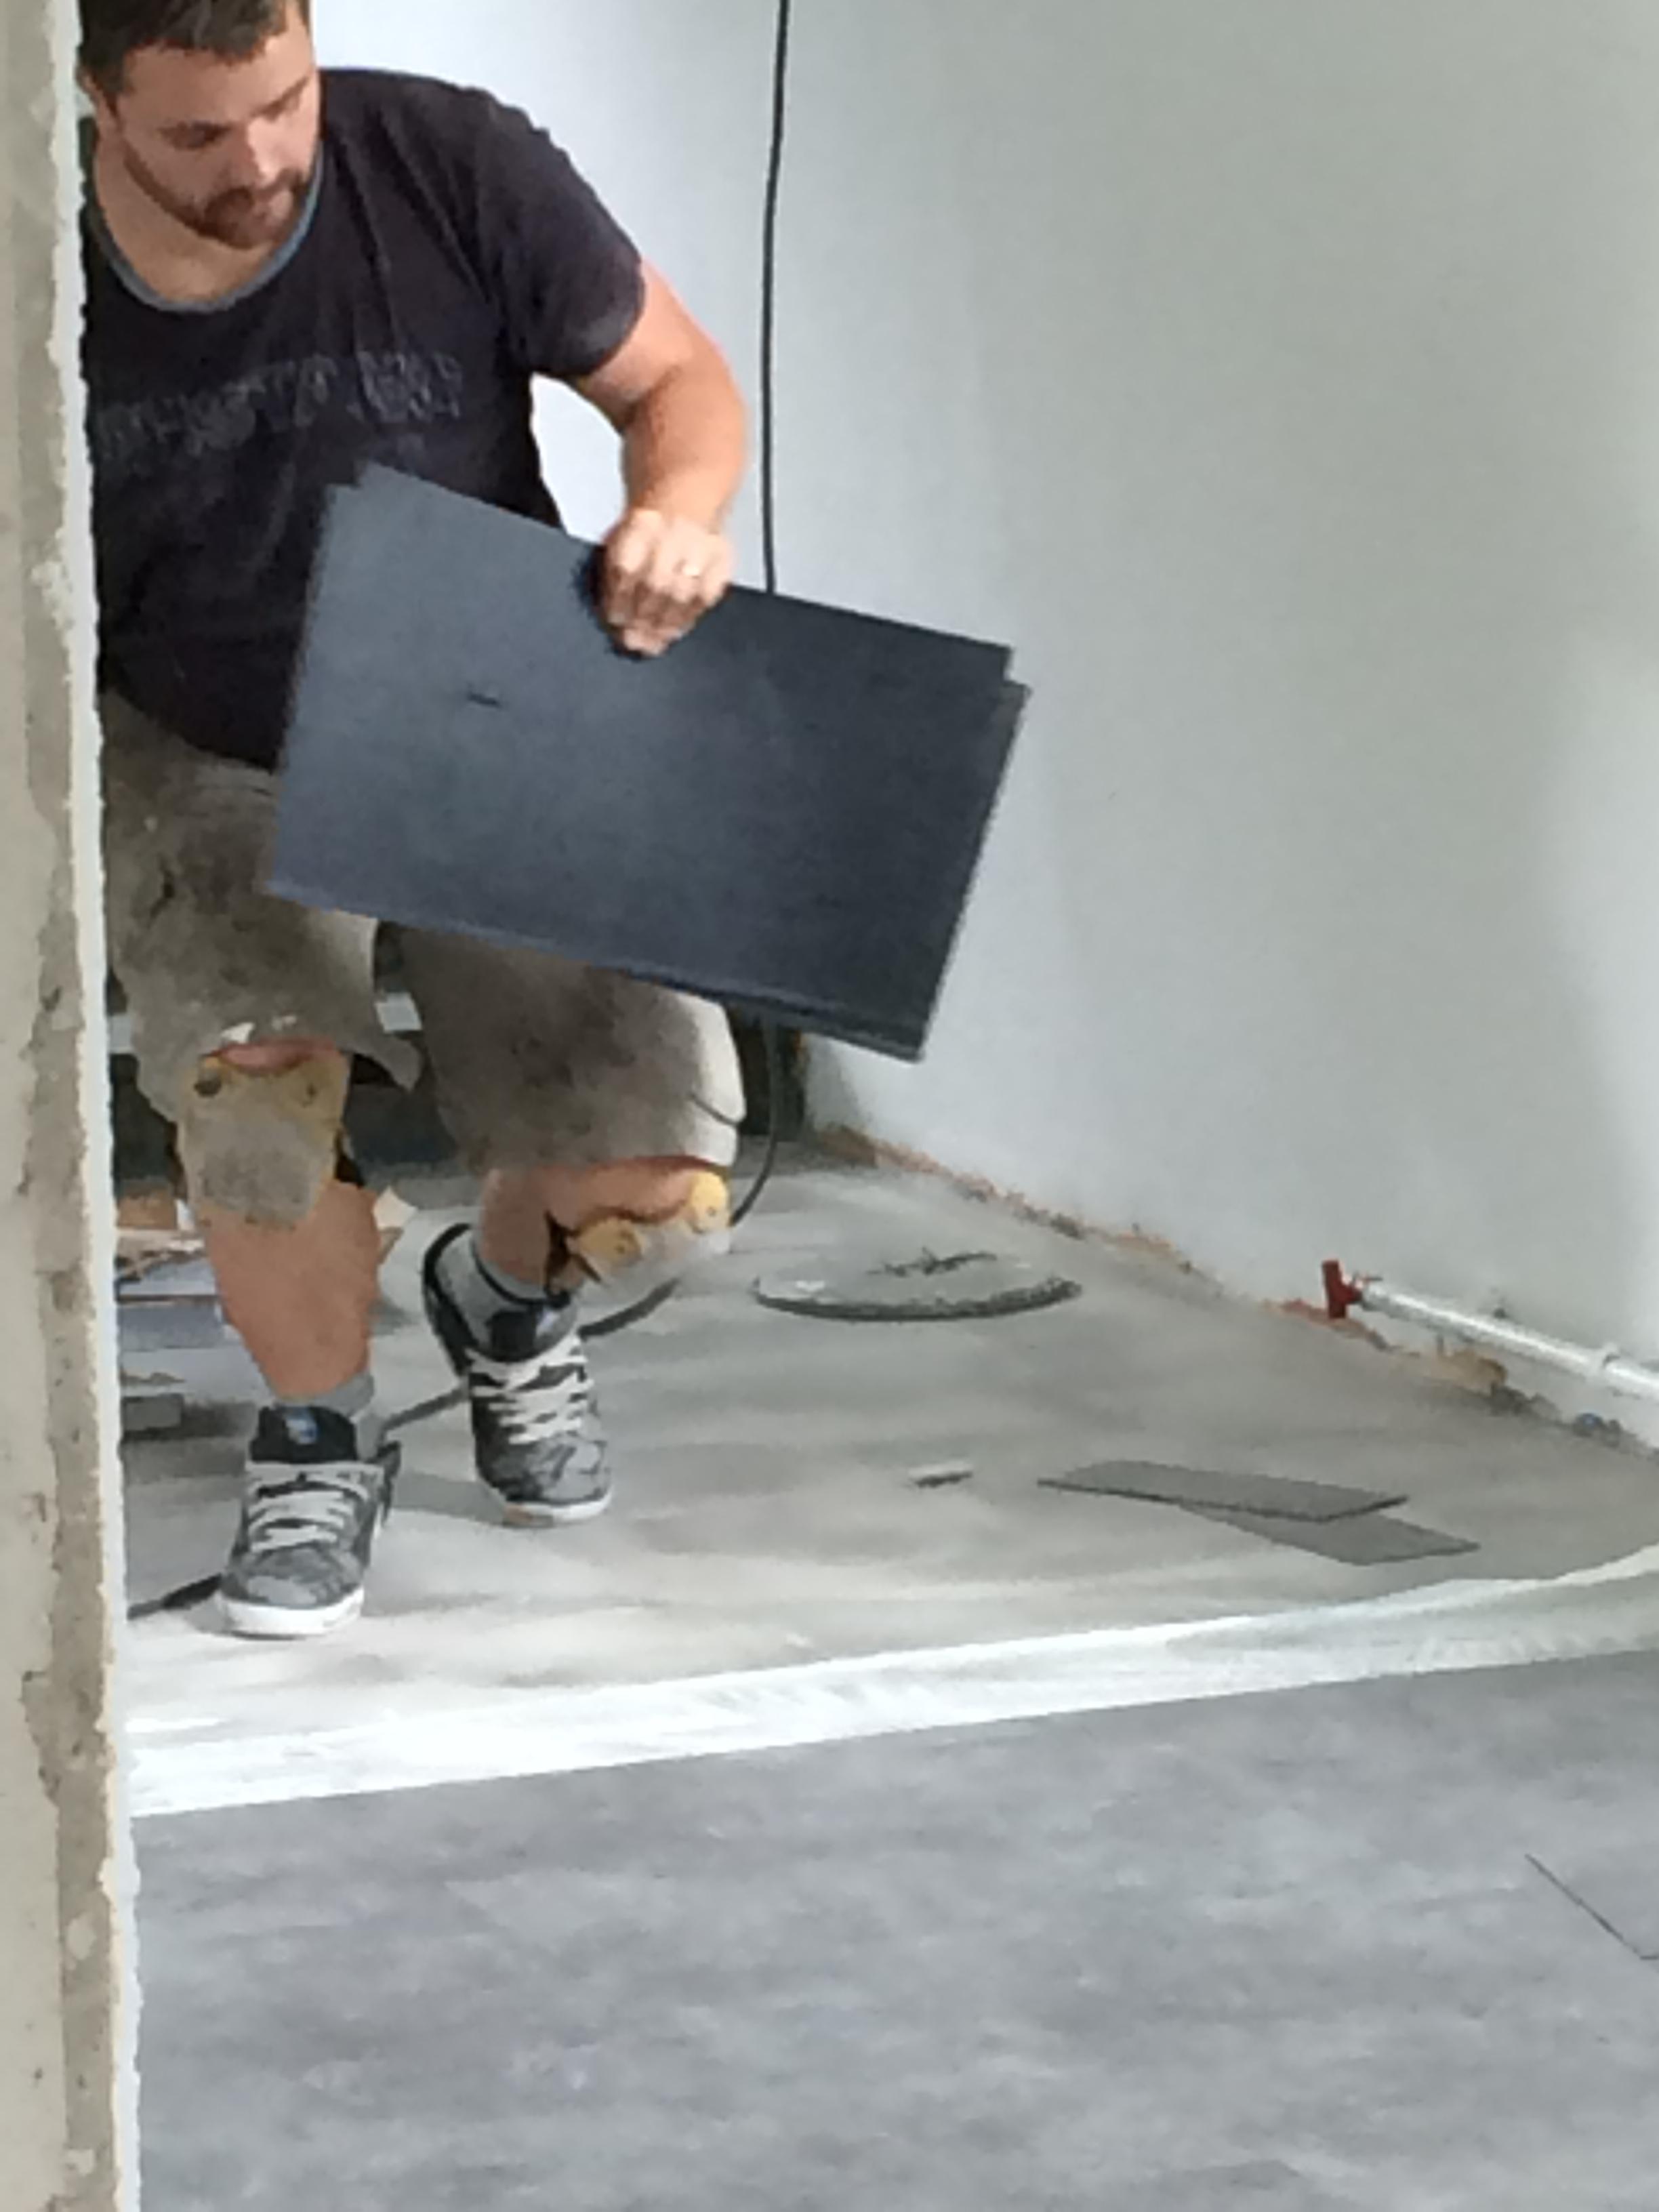 vinylboden pro und contra bodenleger j schmid. Black Bedroom Furniture Sets. Home Design Ideas